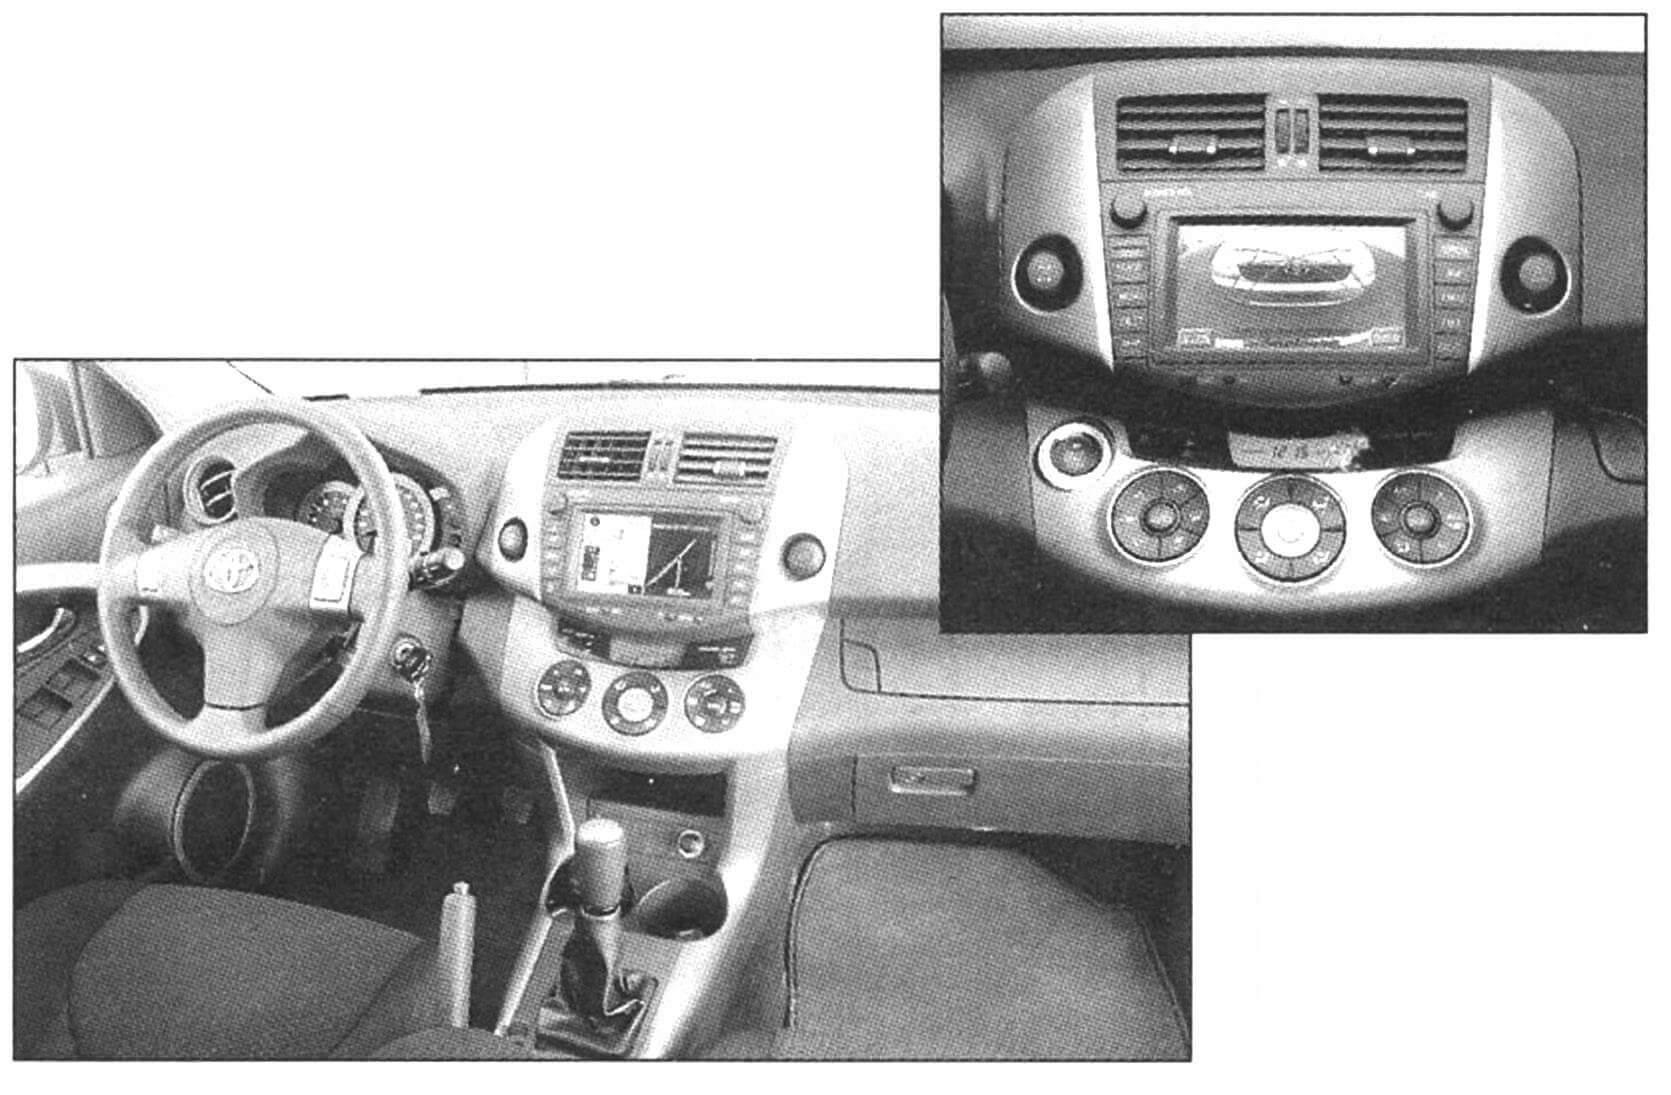 Интерьер рабочею места водителя. Справа - дисплей навигационной системы и видеокамеры заднего обзора